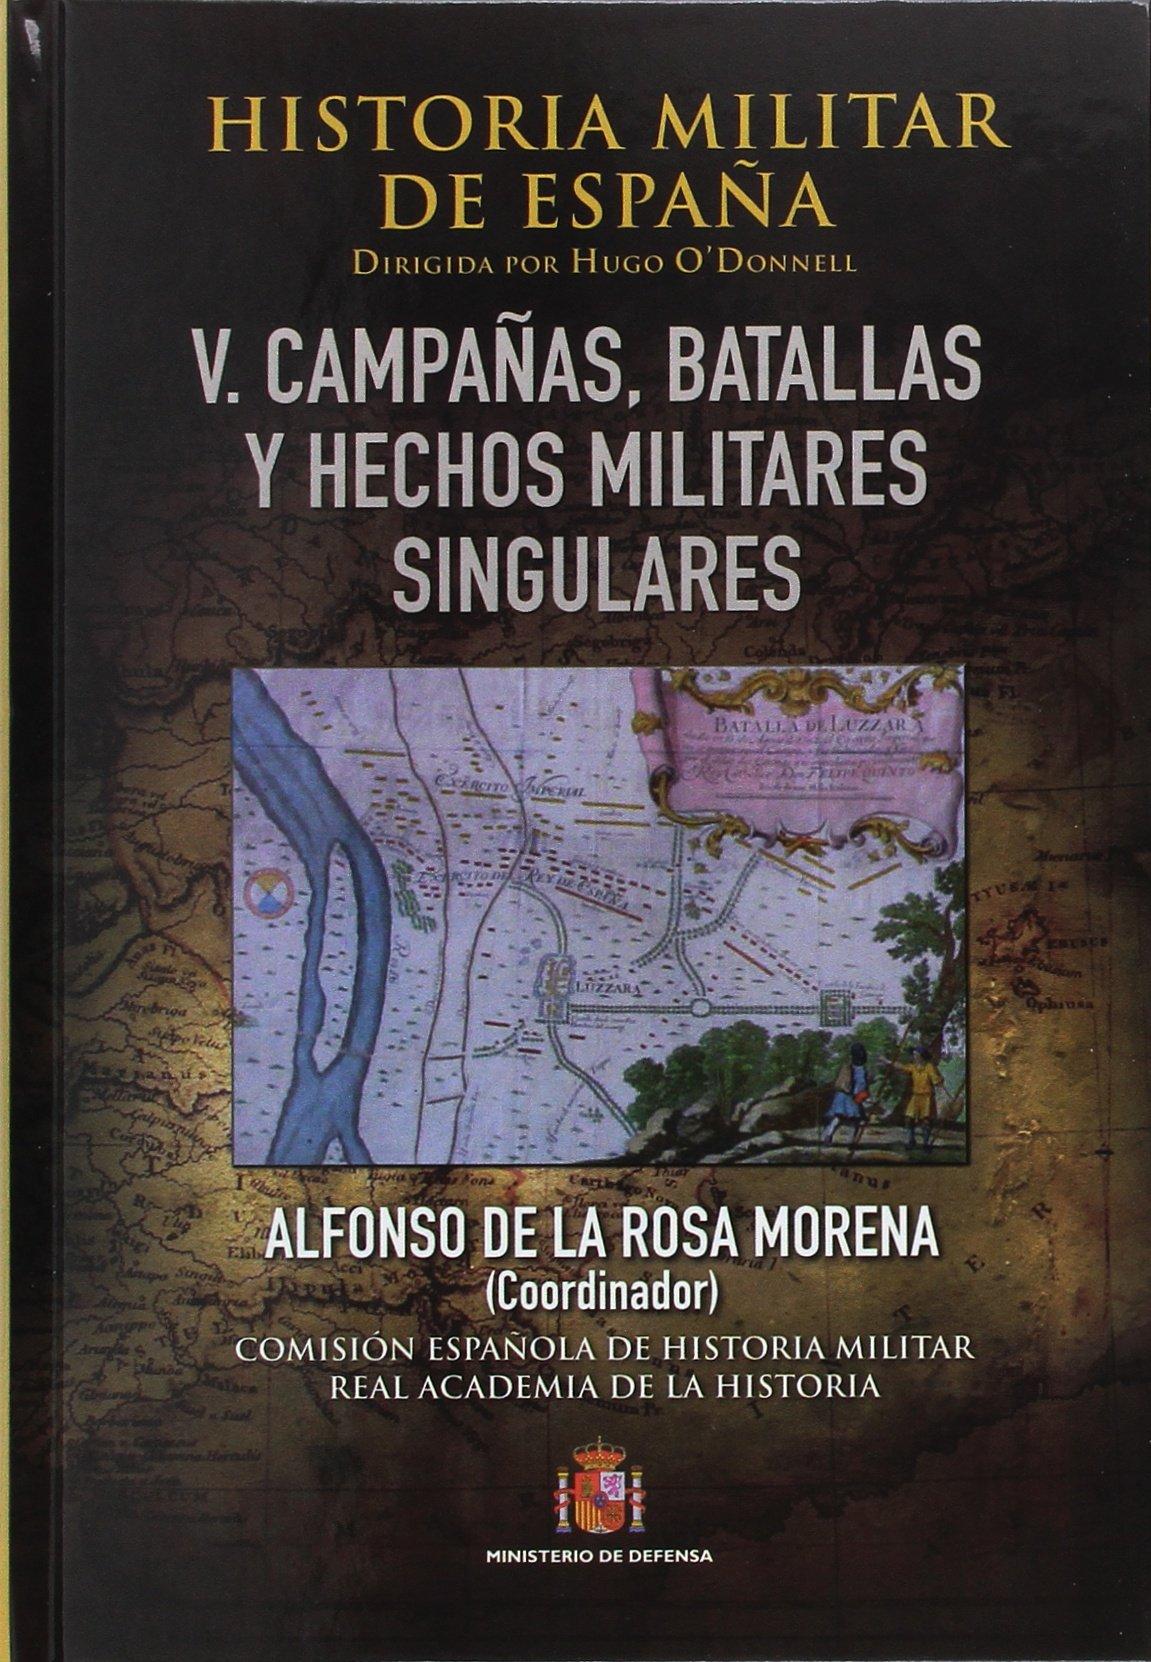 Historia Militar de España. Tomo V. Batallas, campañas y hechos militares: Amazon.es: de la Rosa Morena, Alfonso: Libros